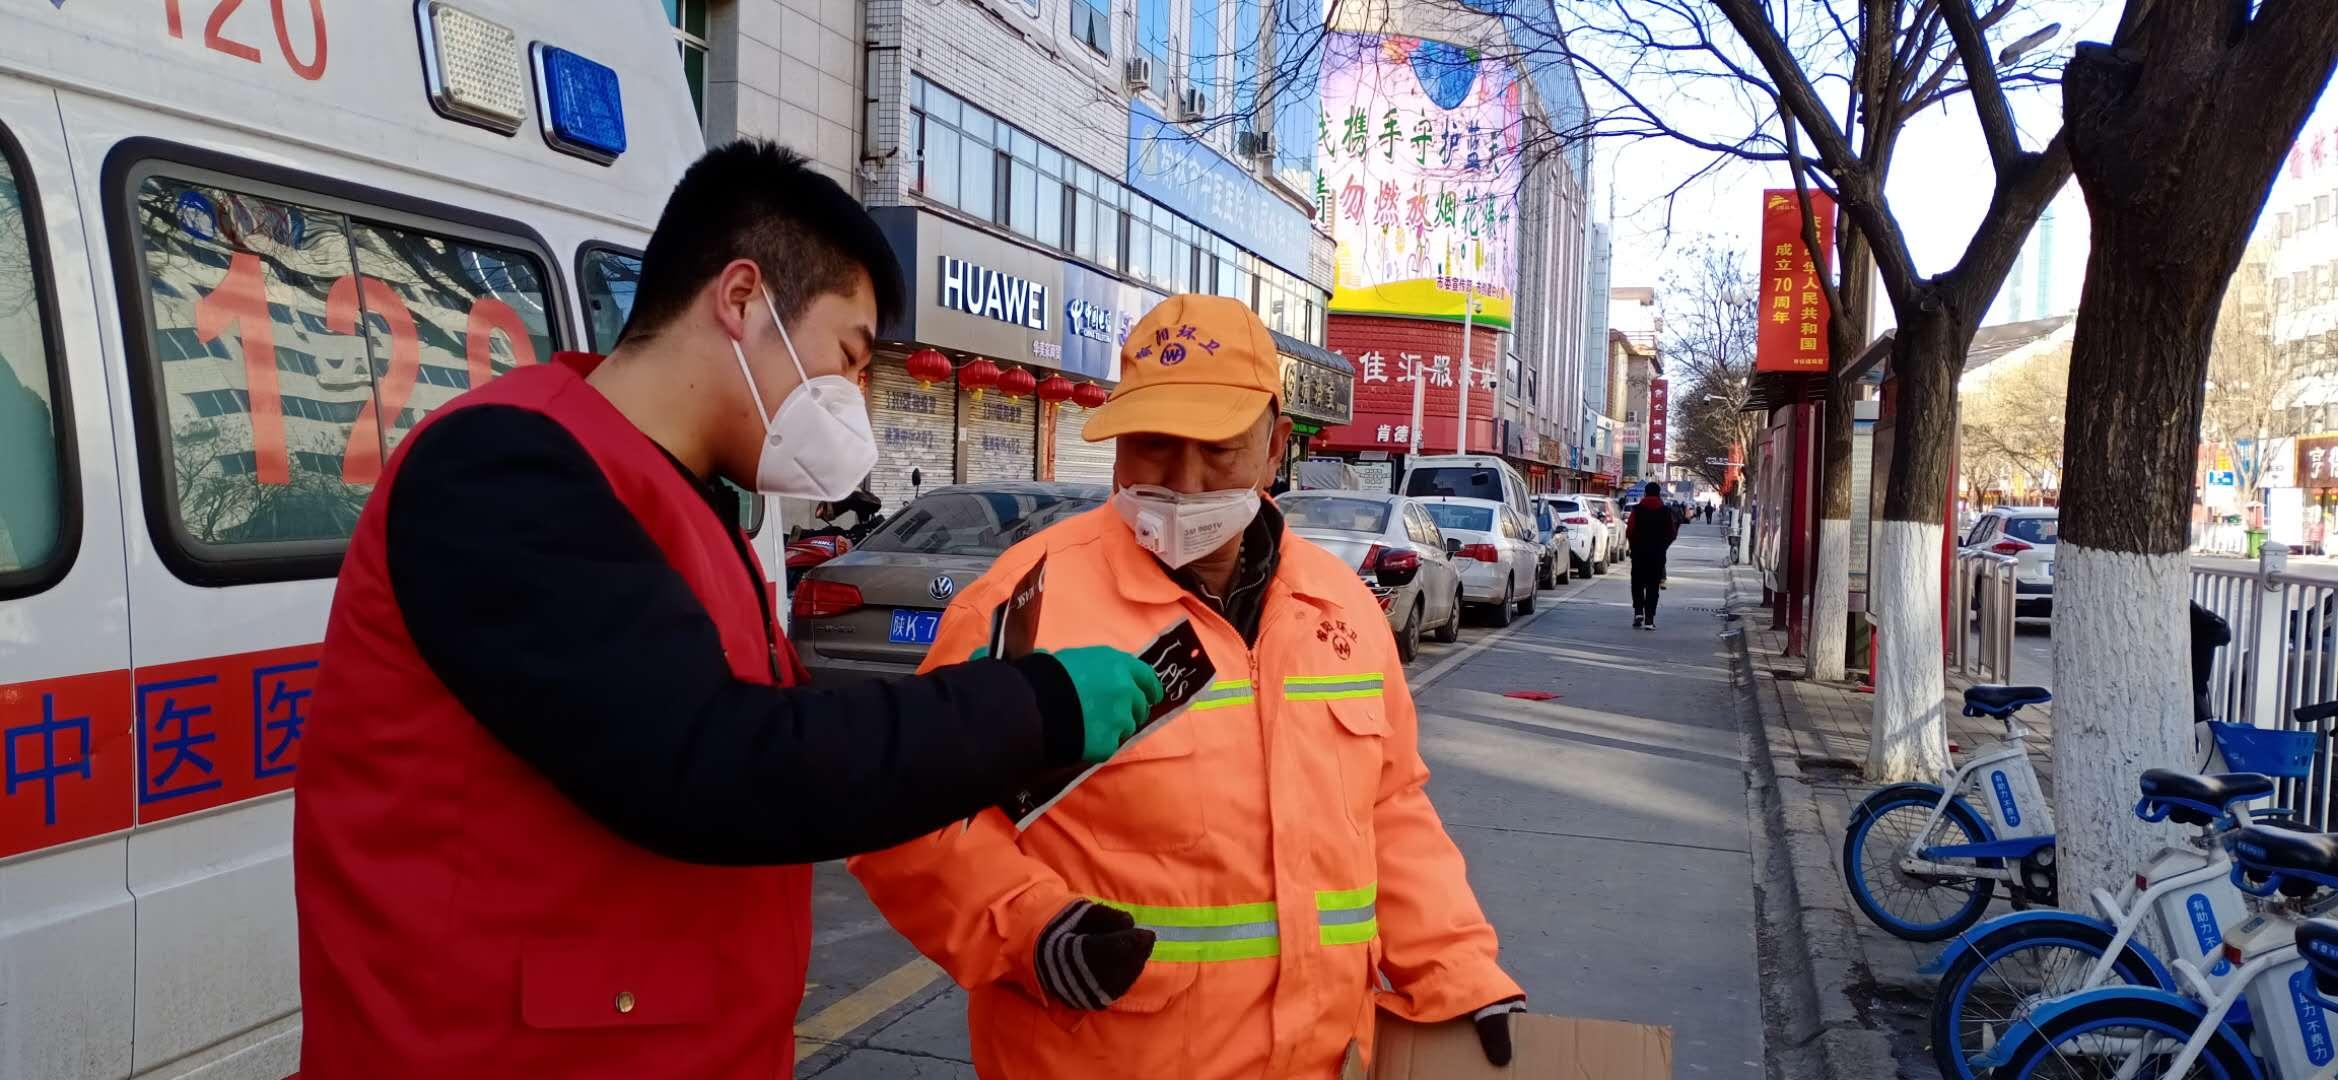 6、慈善志原者向城區環衛工人免費送發口罩.jpg